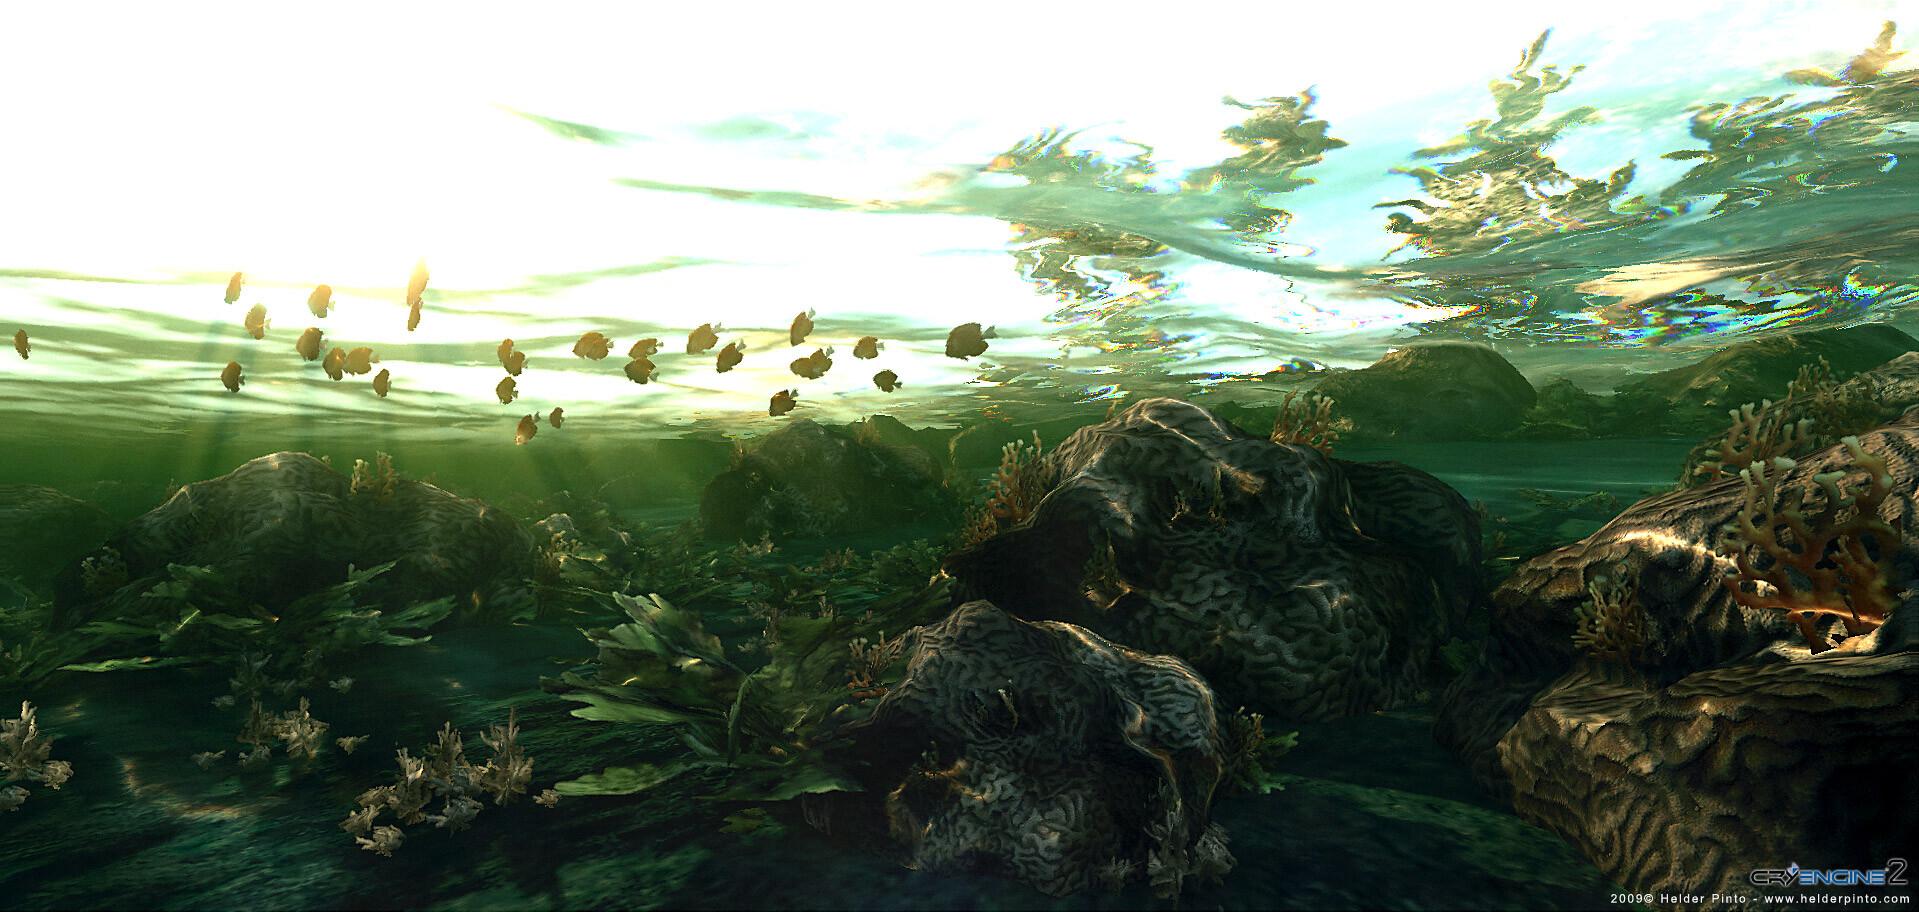 Helder pinto underwater 1